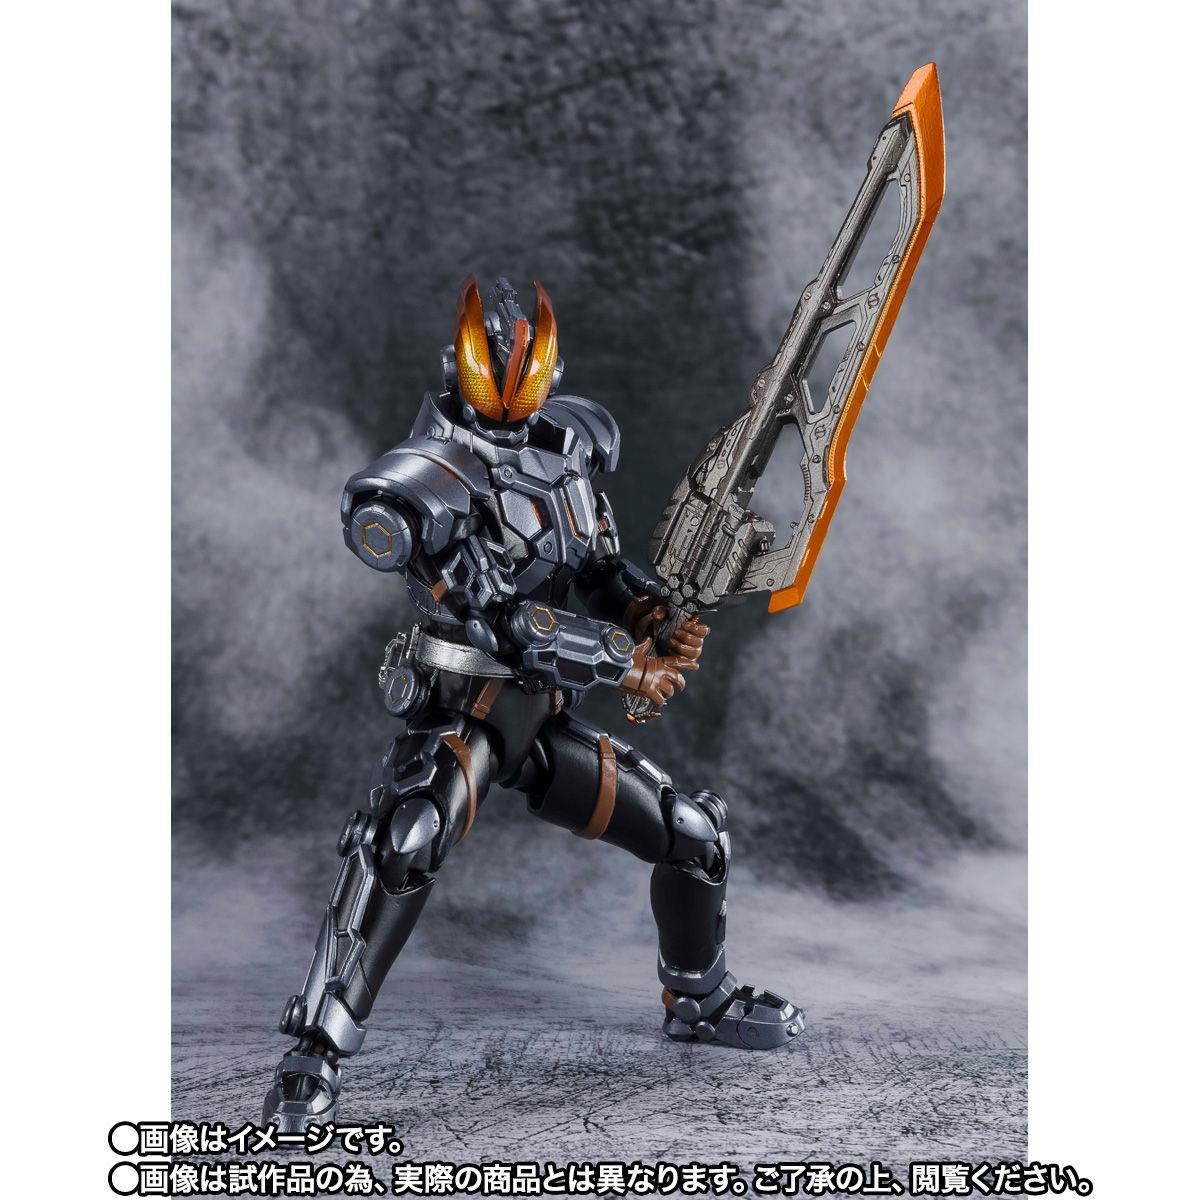 【限定販売】S.H.Figuarts『仮面ライダーバスター 玄武神話』可動フィギュア-004